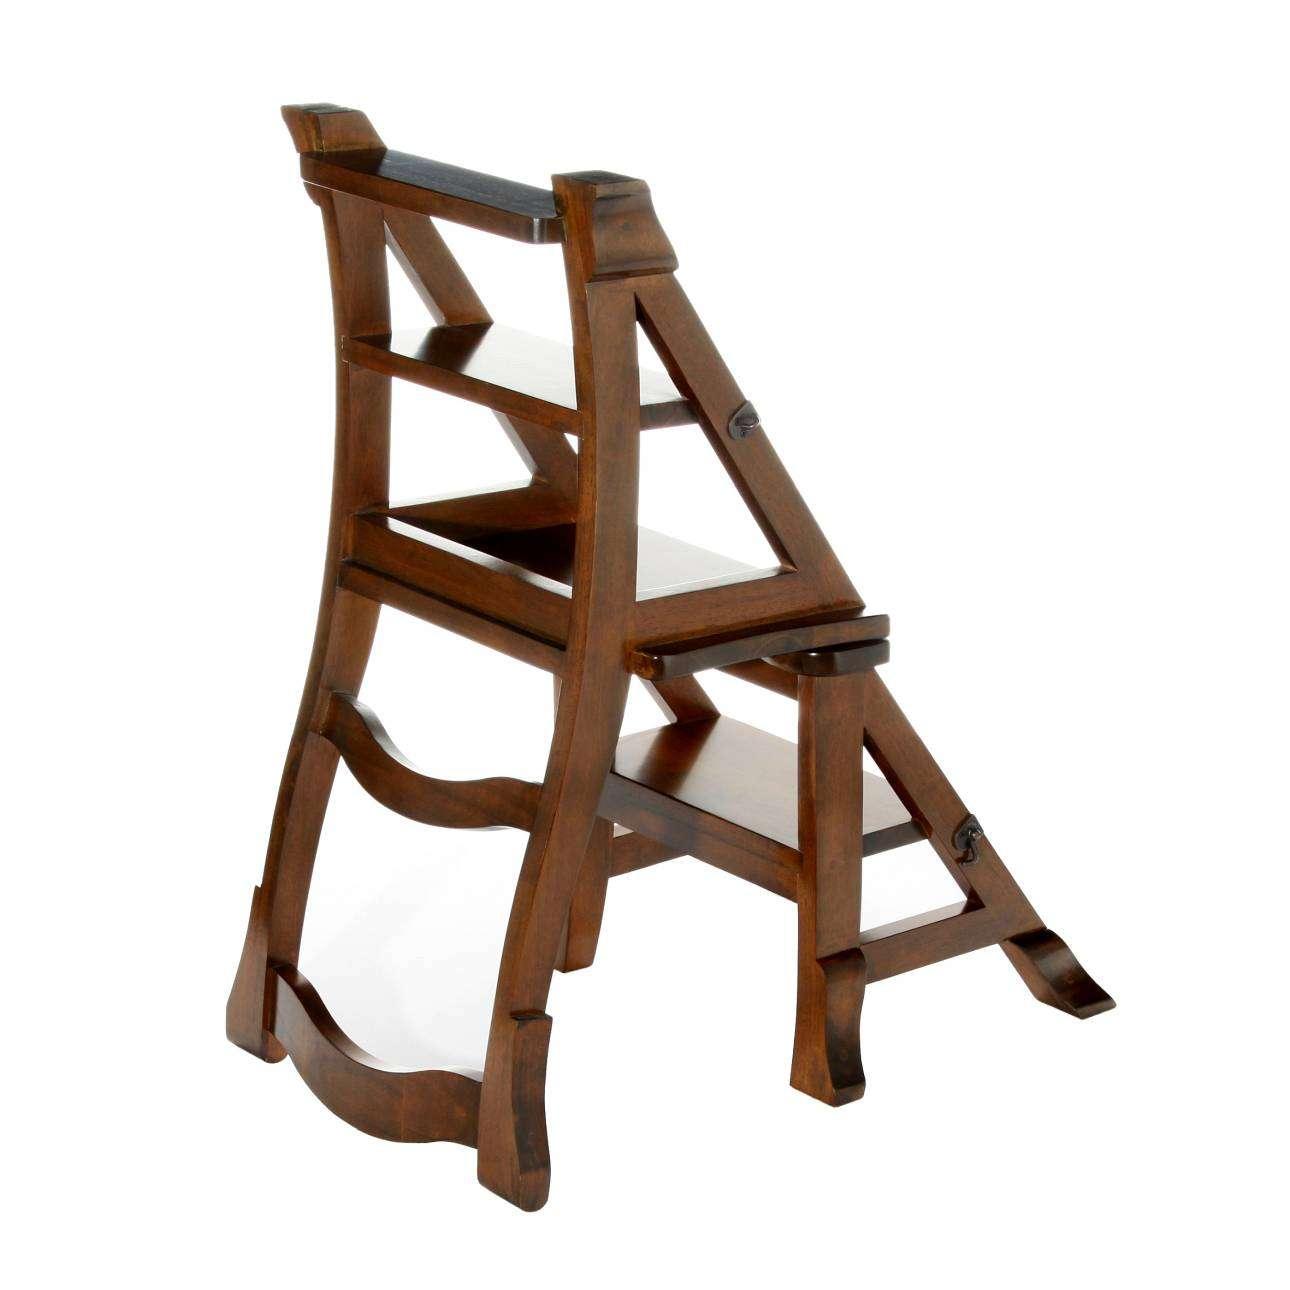 Krzesło-drabinka 44x48x85cm 44x48x85cm